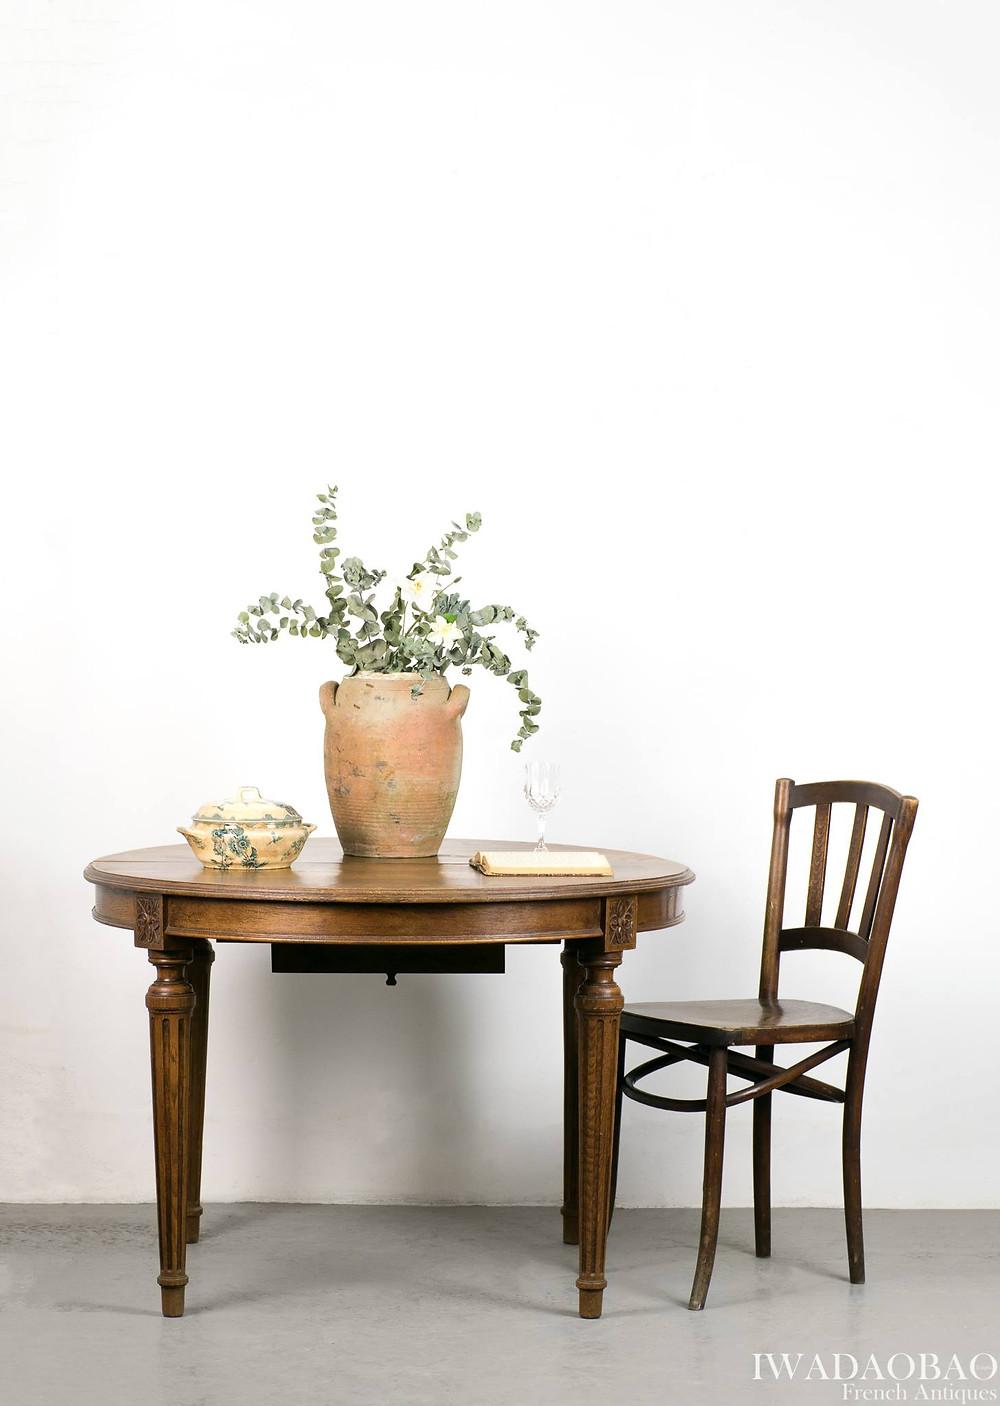 法國路易 XV 橡木古董圓桌